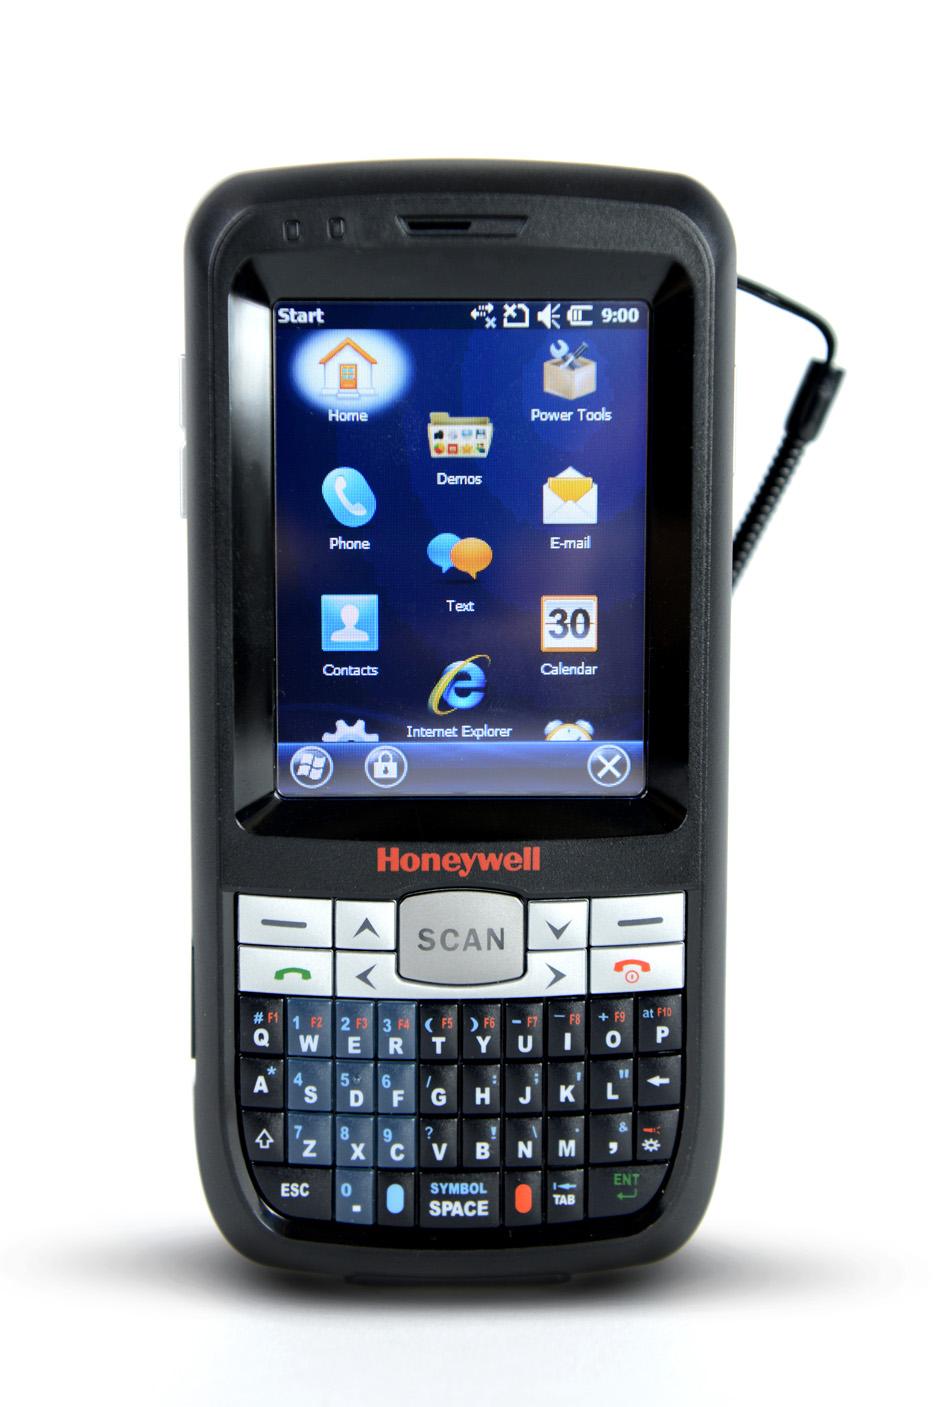 Honeywell представляет новый мобильный компьютер для предприятий, желающих автоматизировать рабочие процессы и сбор данных